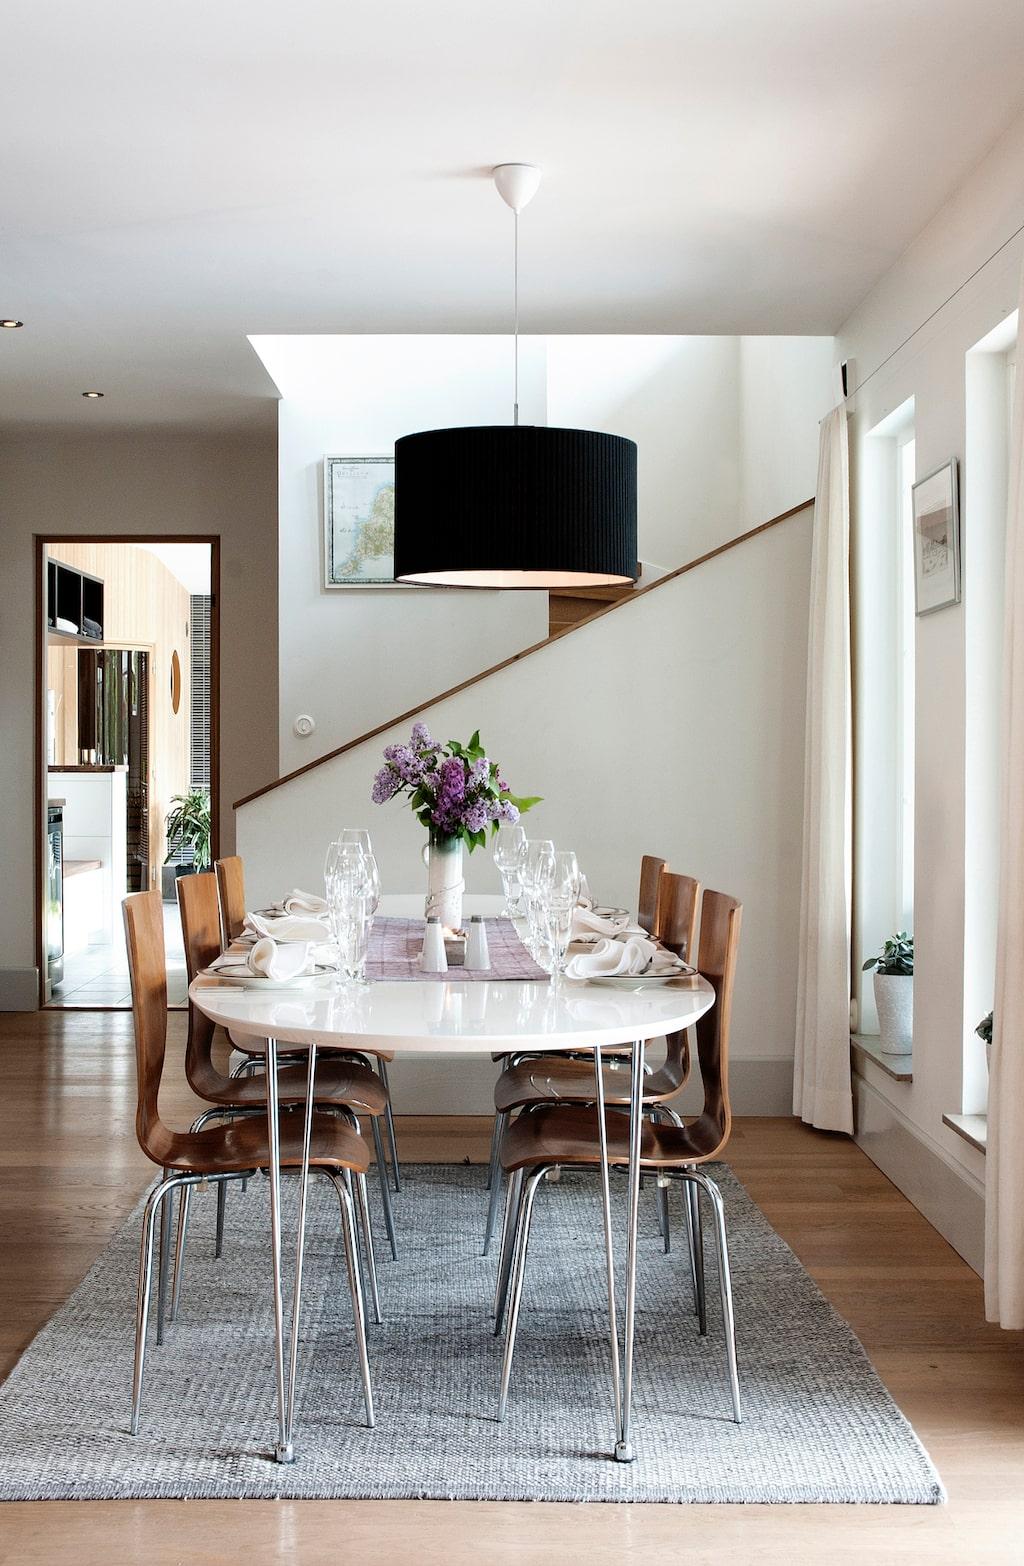 Huset har många spännande former, och från matdelen är trappan upp en fin detalj och de stora fönstren ger rummet ett härligt ljus.